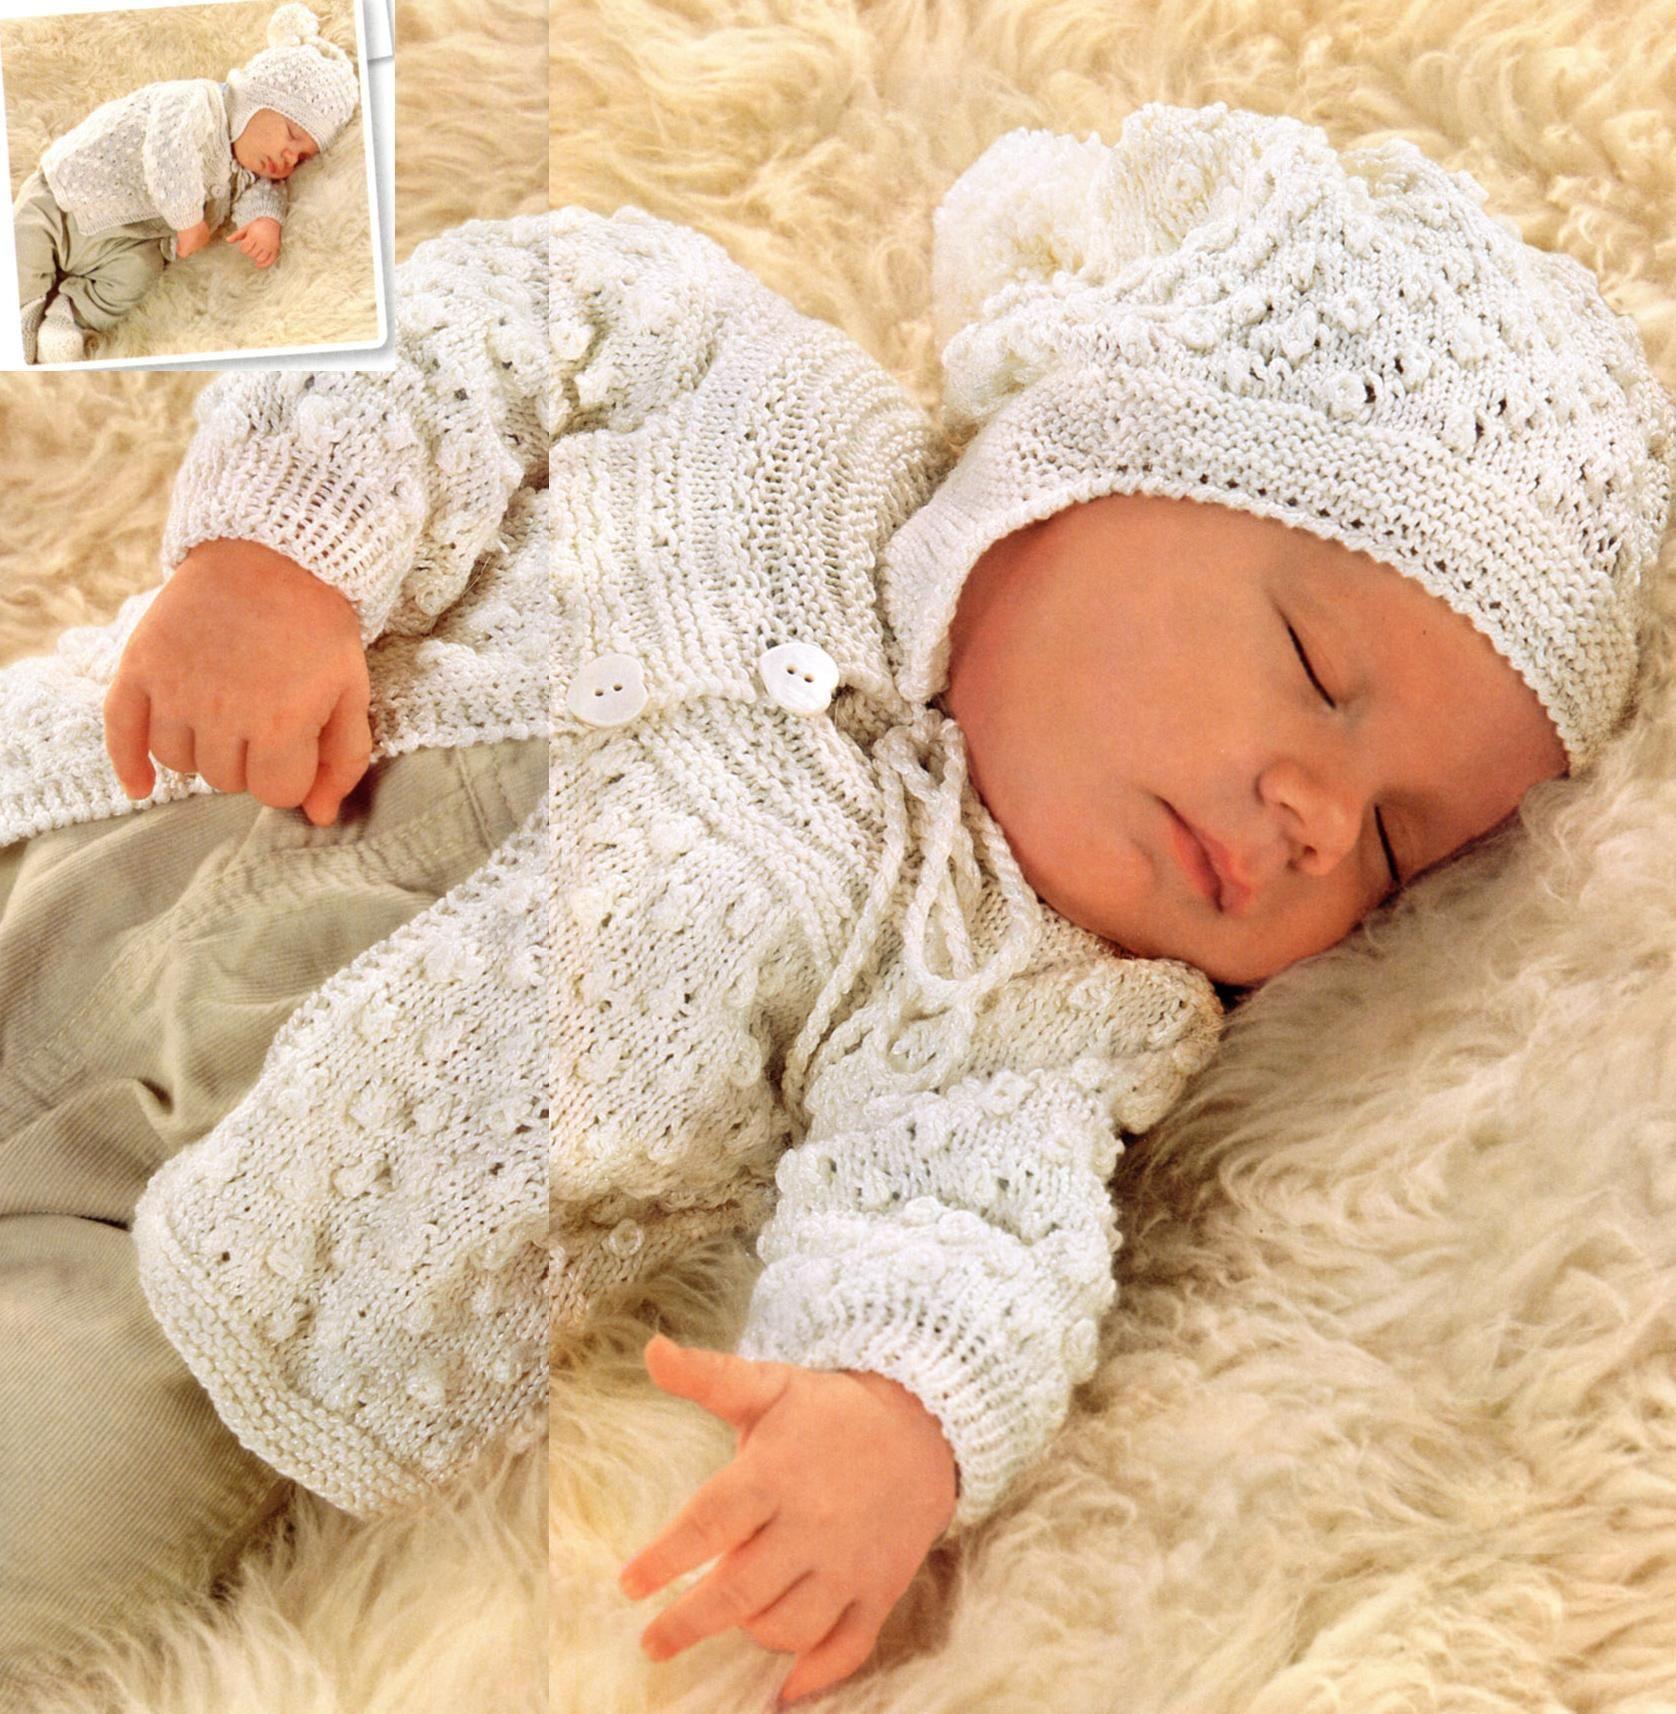 Jacke mit Rundpasse und Hüte für Neugeborene Stricken | peteliki ...